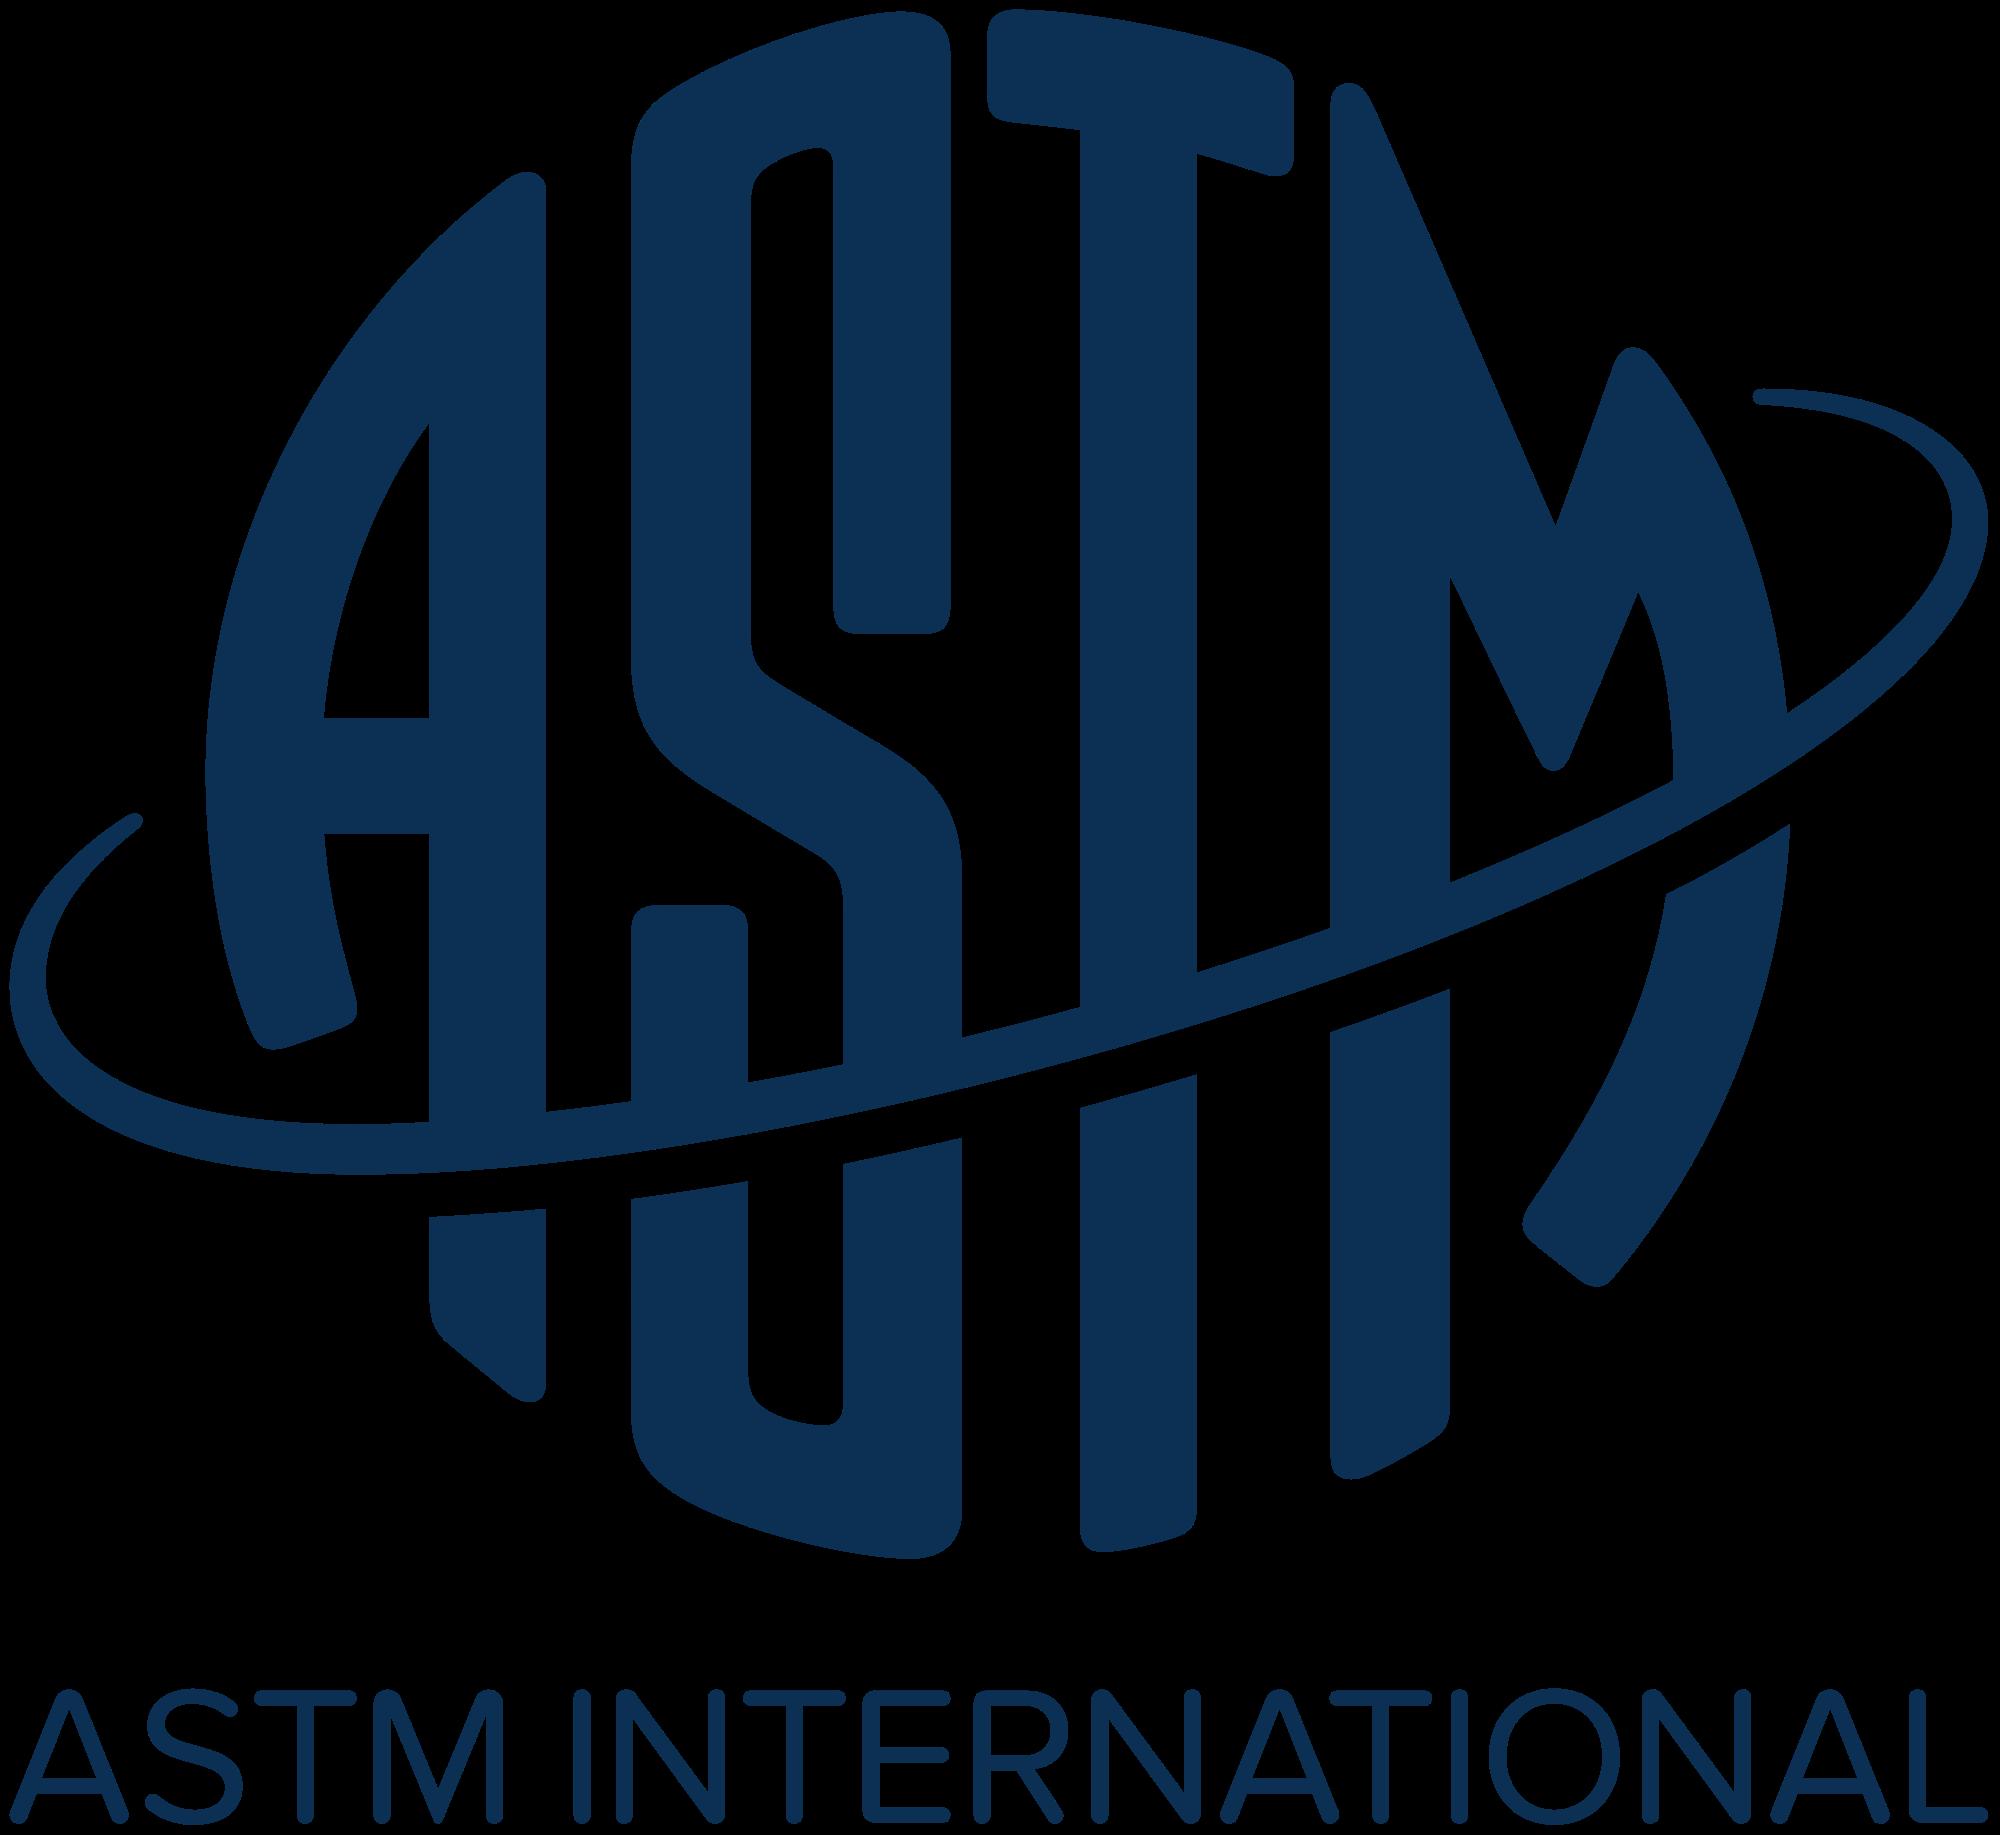 ASTM® F1959/F1959M-12: 2013 | STANDARD TESTMETHODE ZUR BESTIMMUNG DER BELASTBARKEIT VON MATERIALIEN FÜR BEKLEIDUNG DURCH STÖRLICHTBÖGEN | NUR FÜR DAS GEWEBE: Diese Testmethode bestimmt den Arc Thermal Performance Value (ATPV) oder den Energy Breakdown Threshold (Ebt) eines Gewebes. Das Ergebnis (ausgedrückt in cal / cm2) stellt die maximale einfallende Wärmeenergie in Einheiten von Energie pro quadratischer Fläche dar, die ein Gewebe unterstützt bevor der Träger Verbrennungen zweiten Grades erleidet.